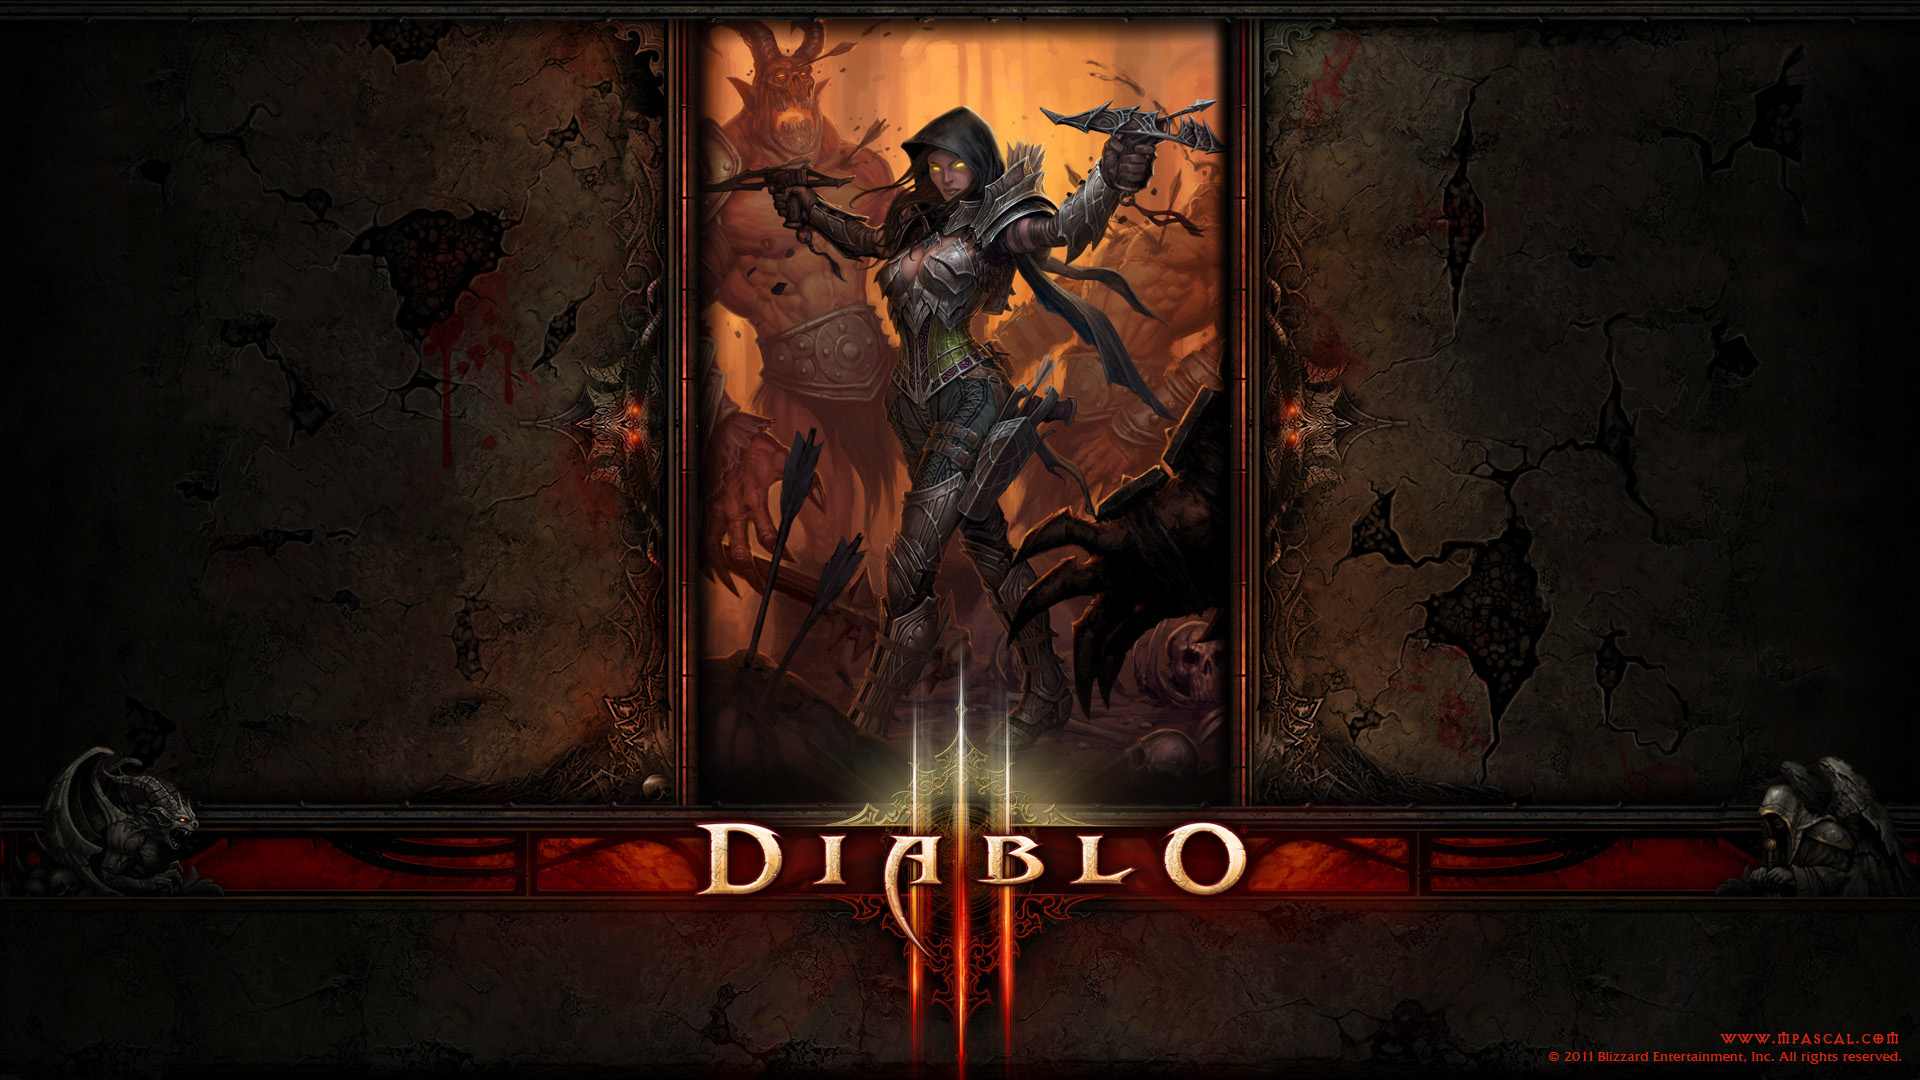 Diablo 3 demon Hunter wallpaper by Panperkin on DeviantArt